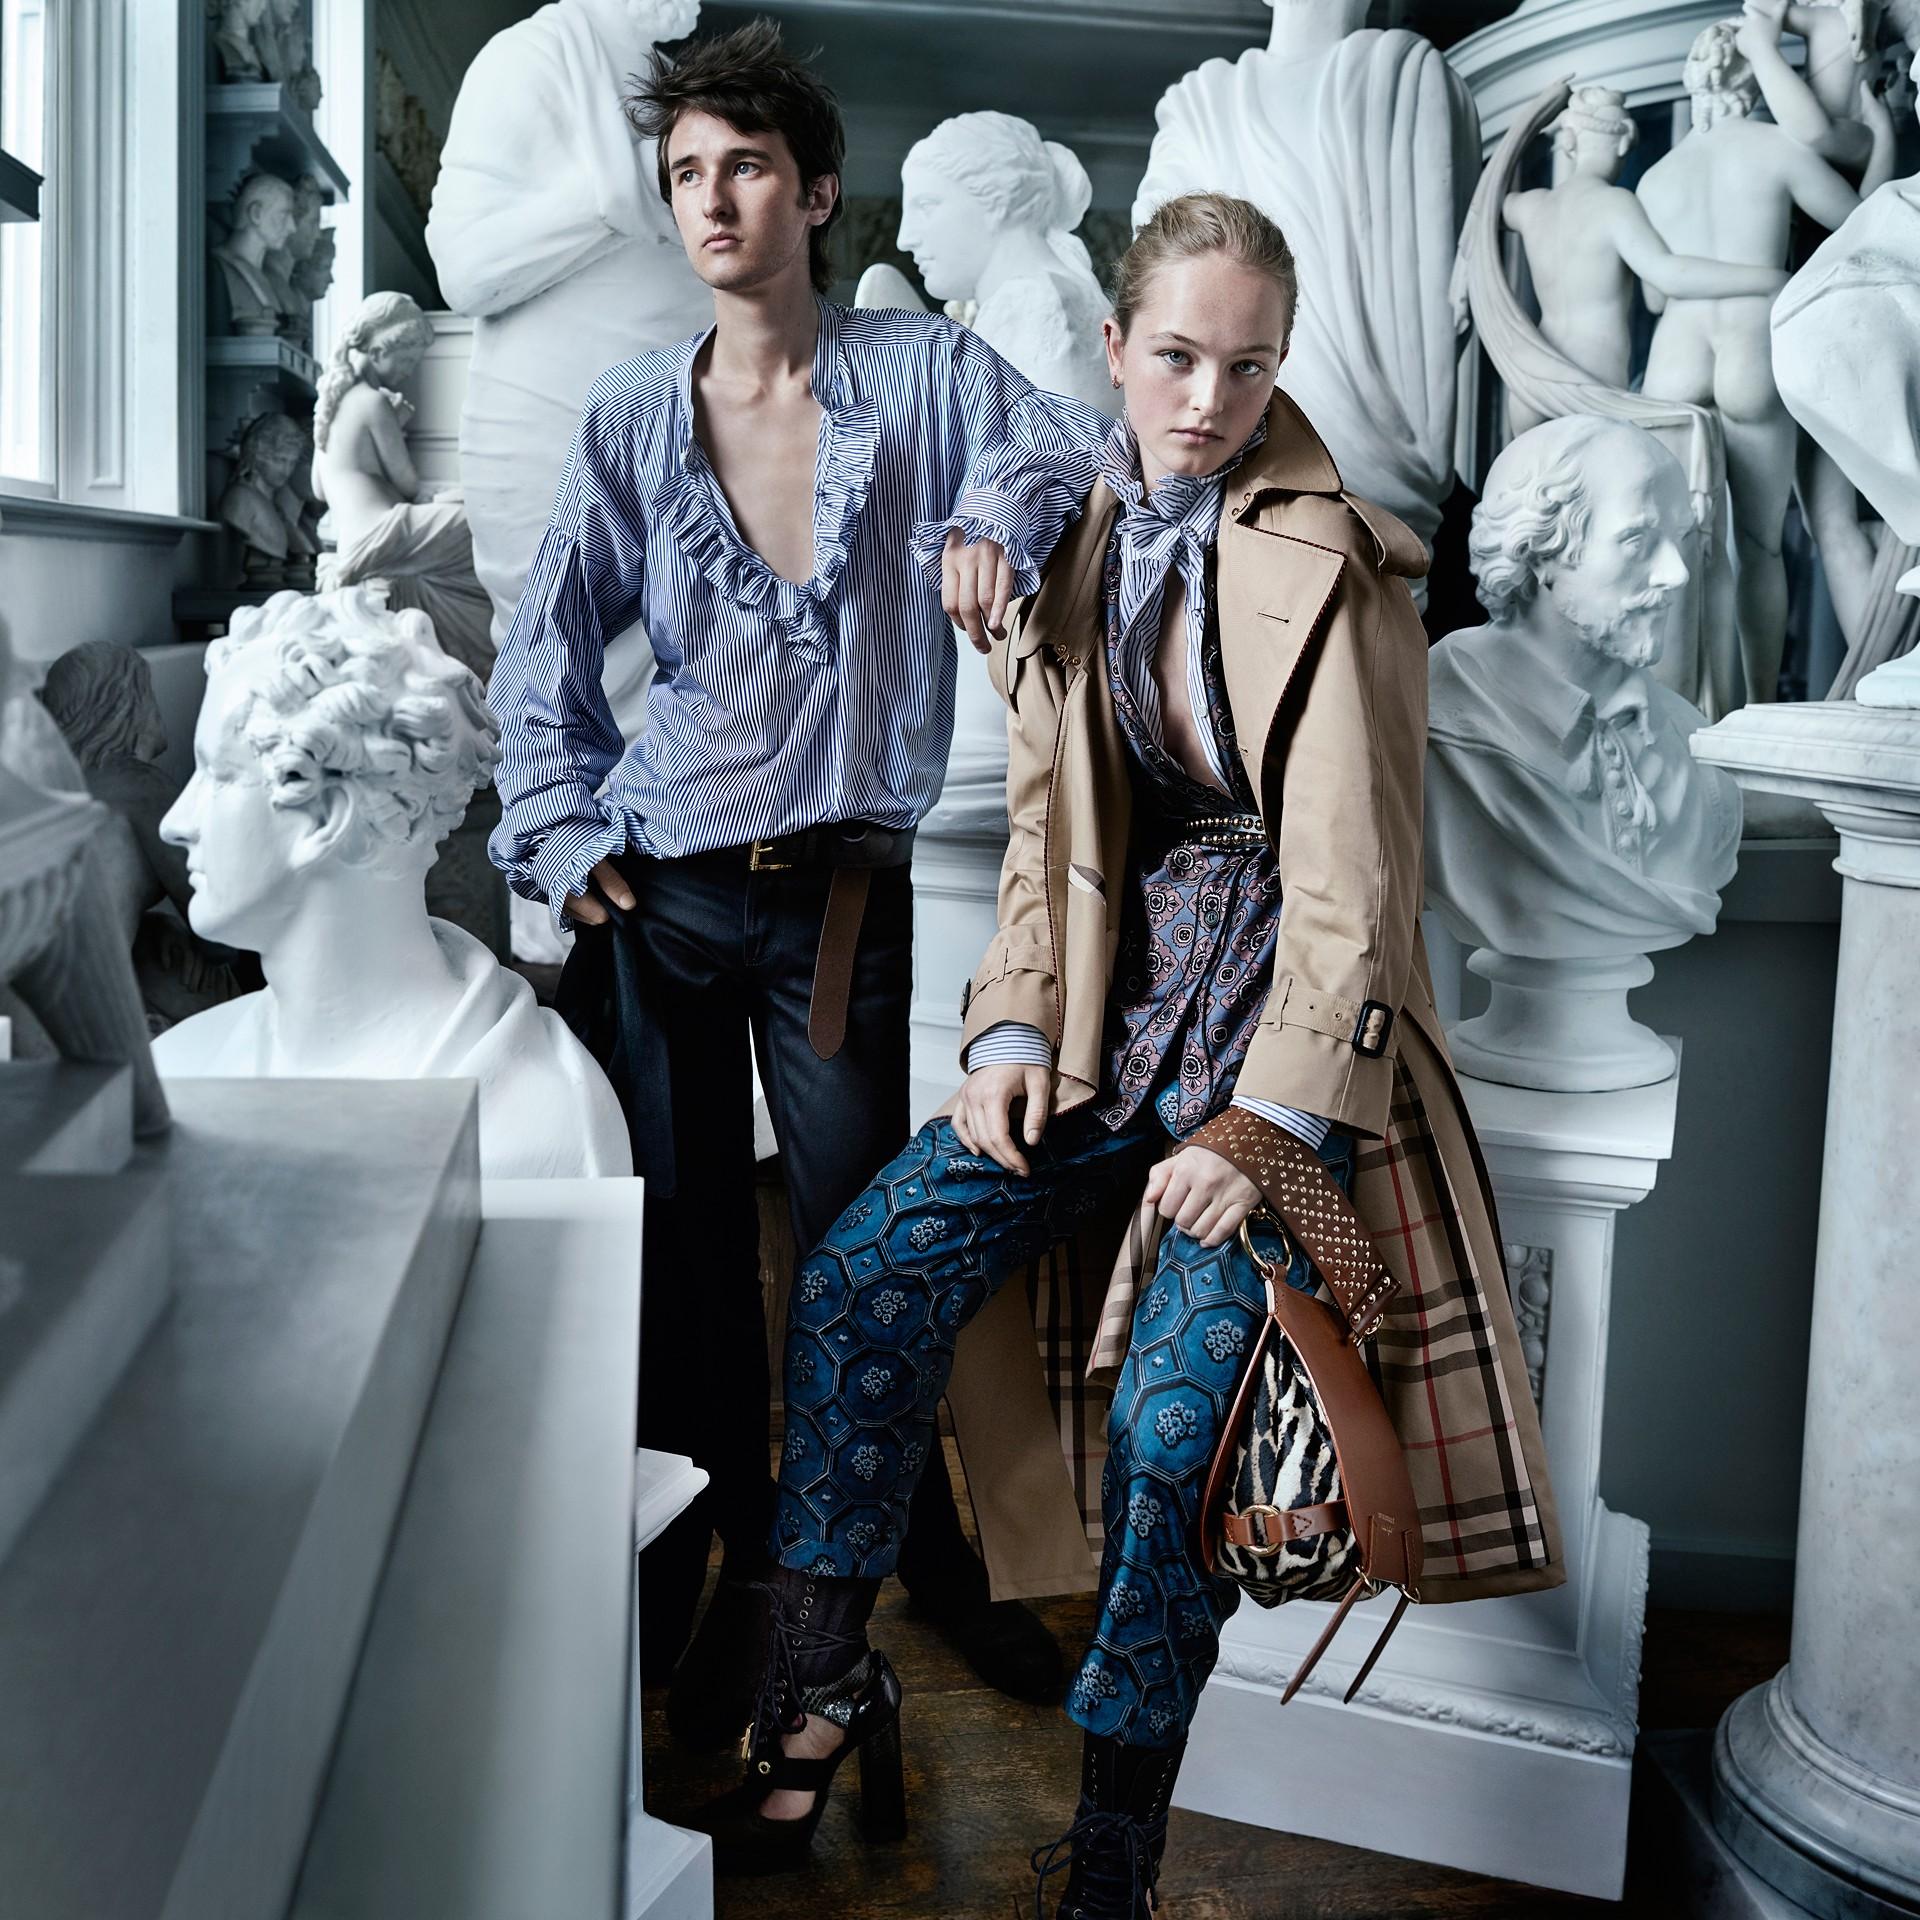 Bleu minéral foncé Pantalon 7/8 de style pyjama en sergé de soie à imprimé papier peint géométrique Bleu Minéral Foncé - photo de la galerie 7